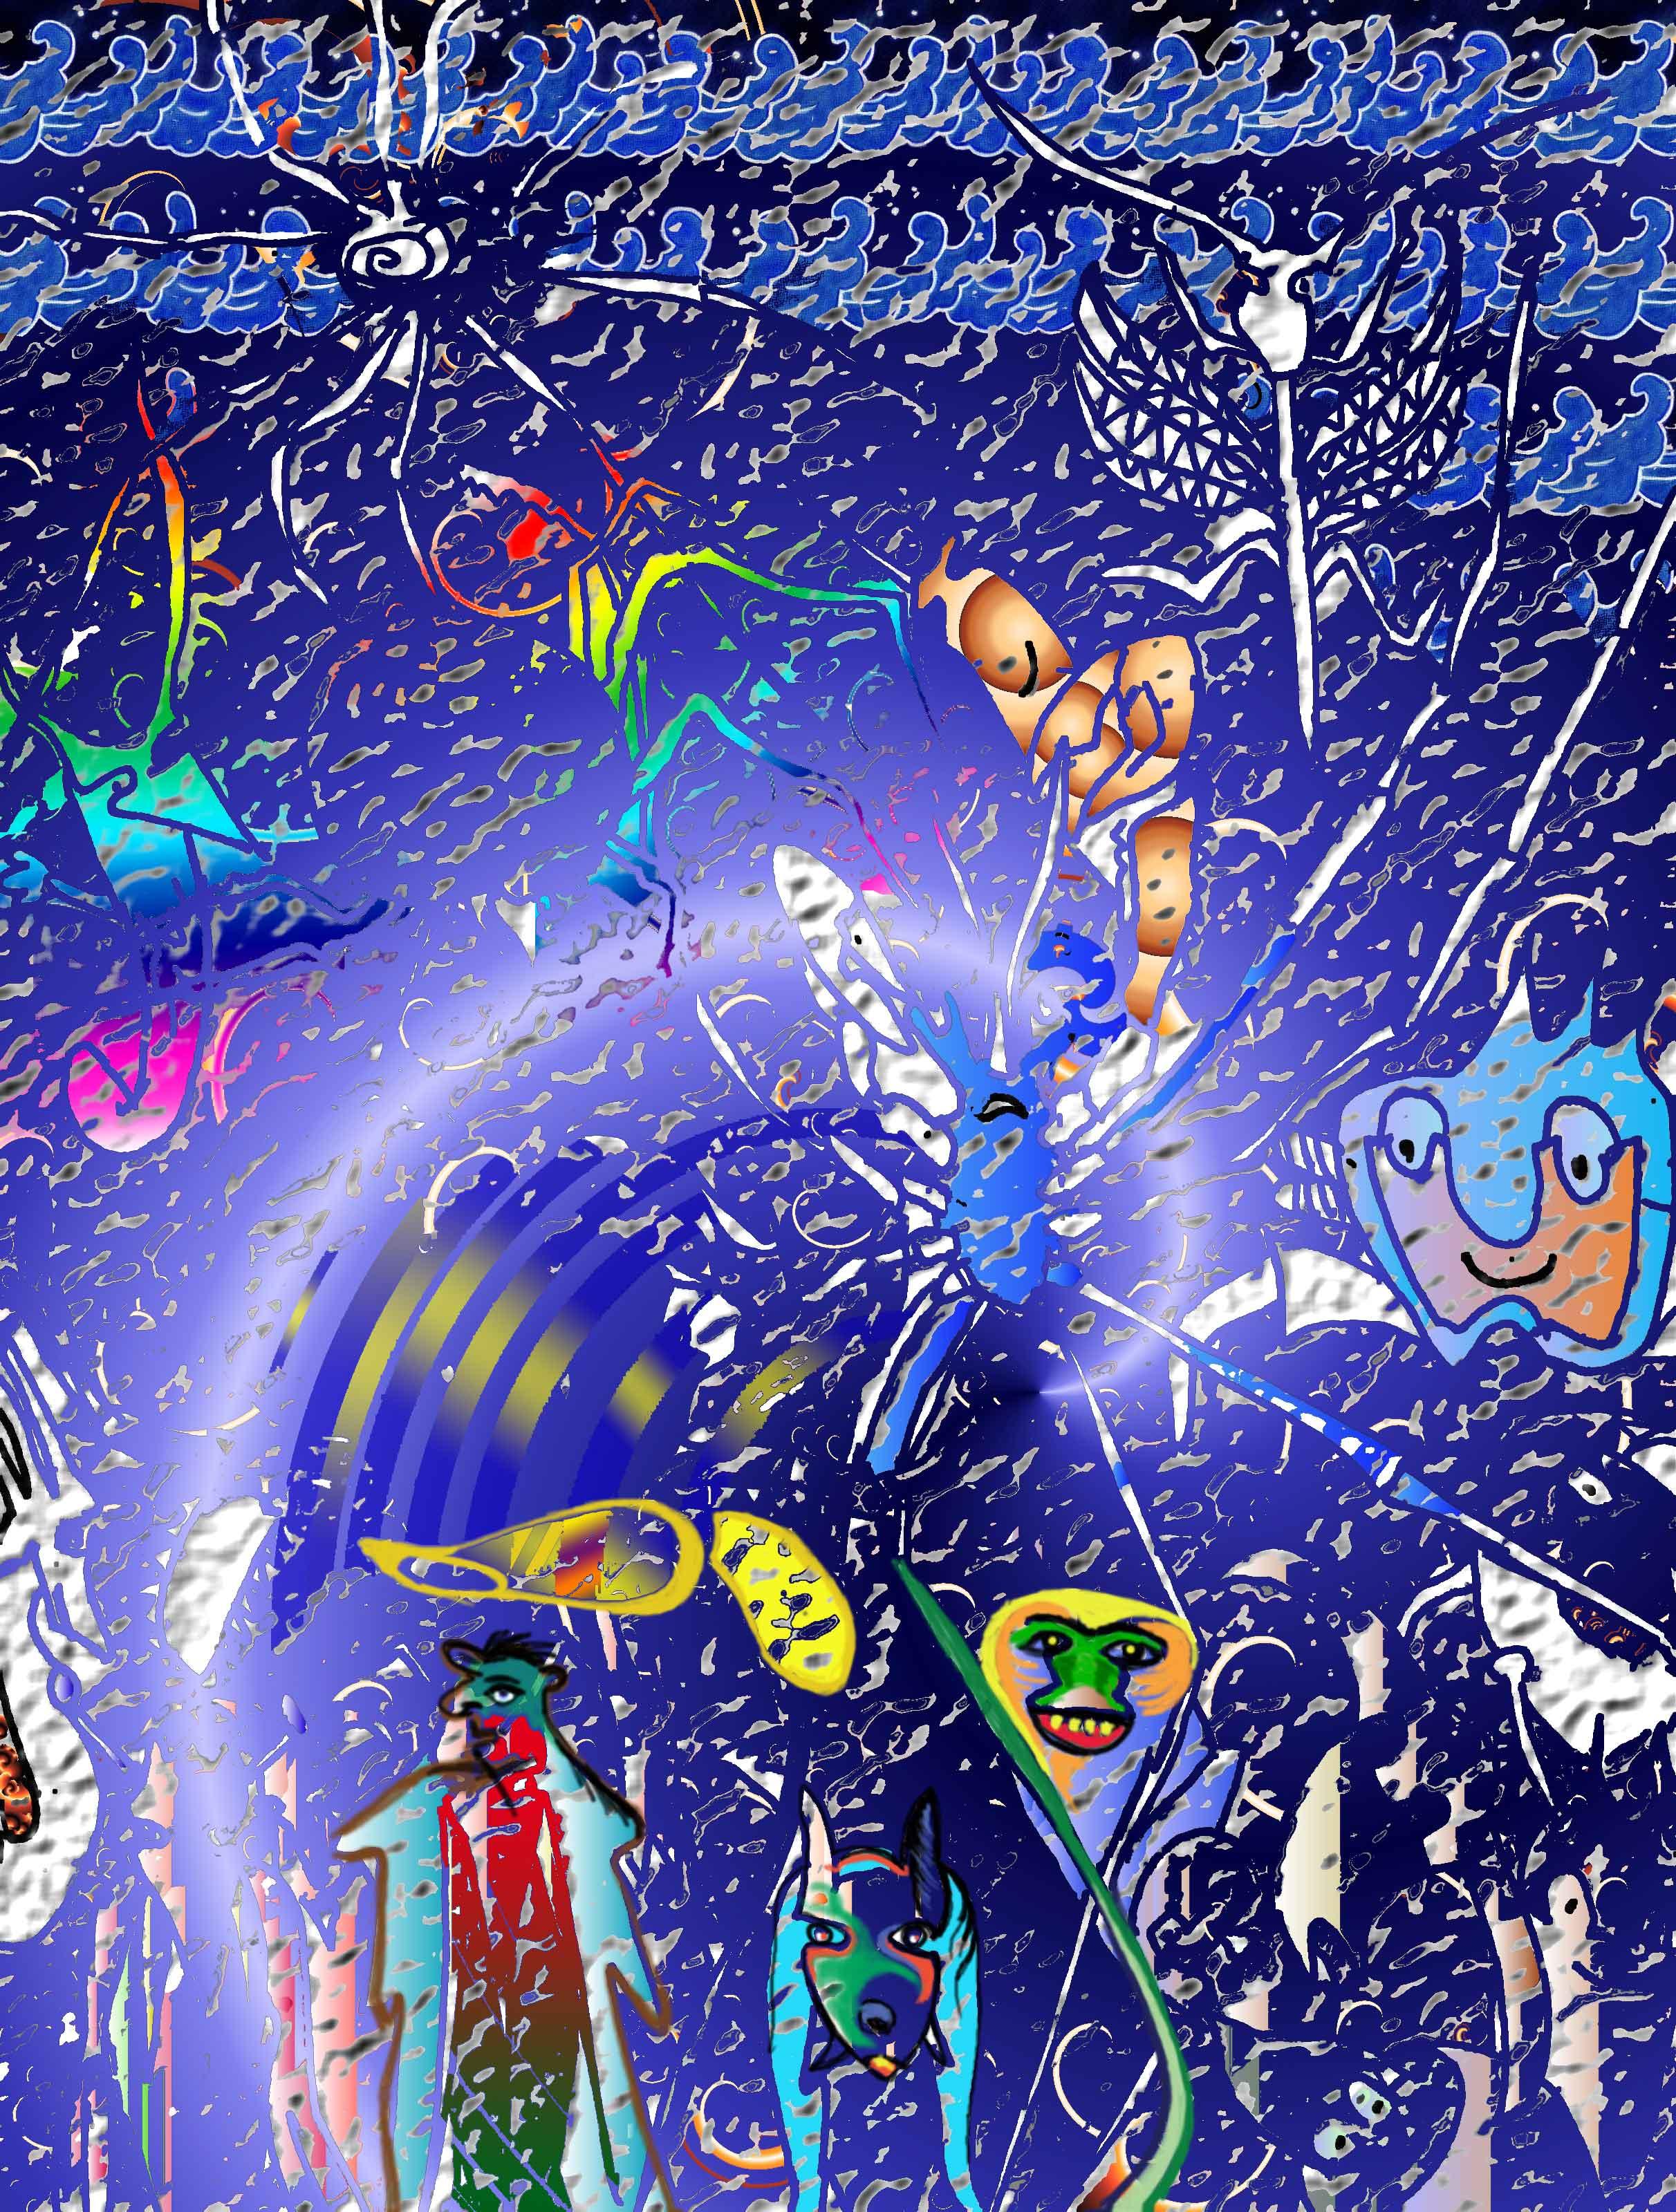 animals---spider-web-in-blu